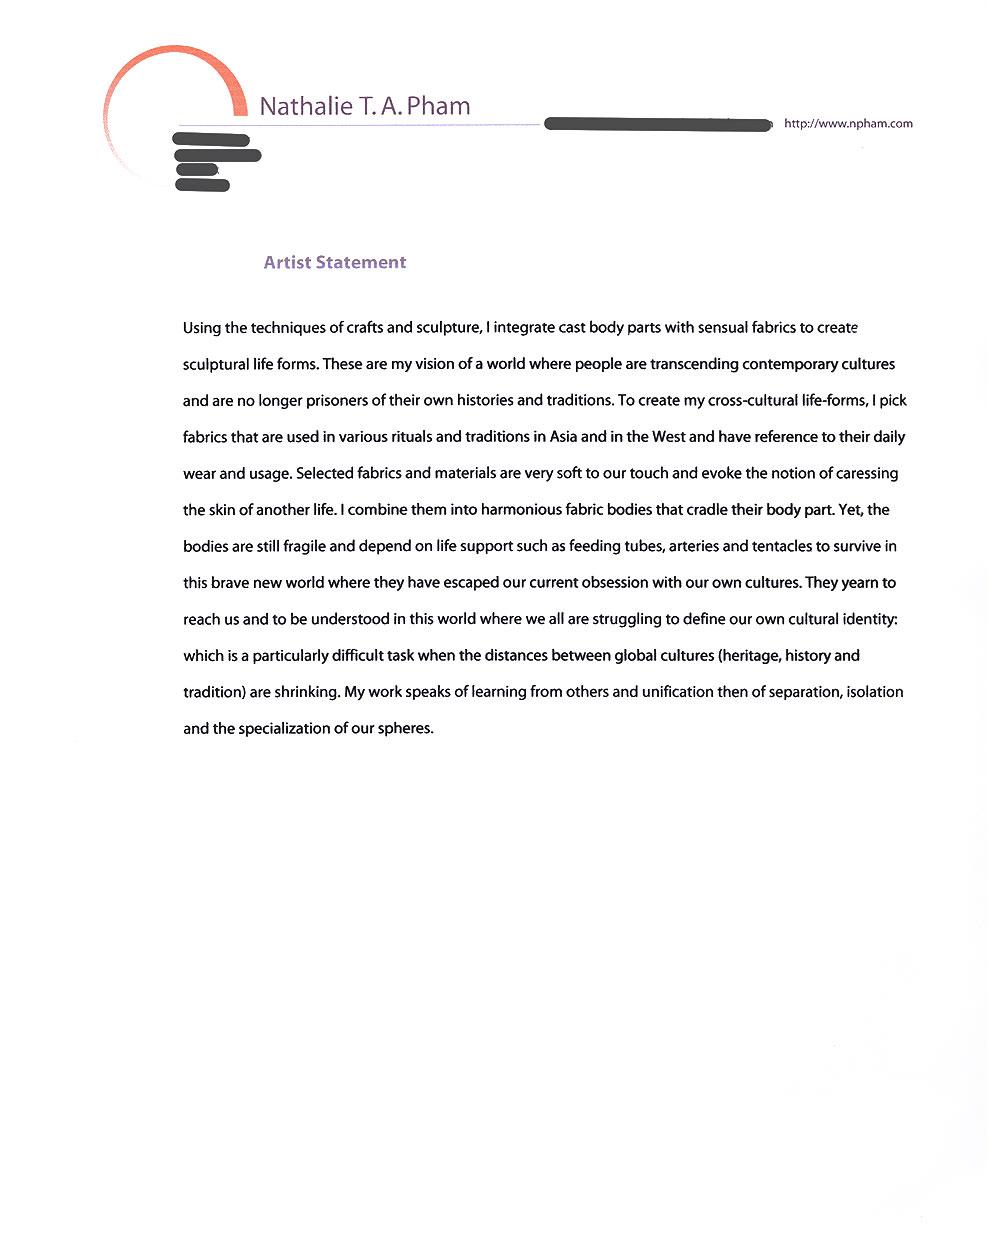 Nathalie Pham's Artist Statement